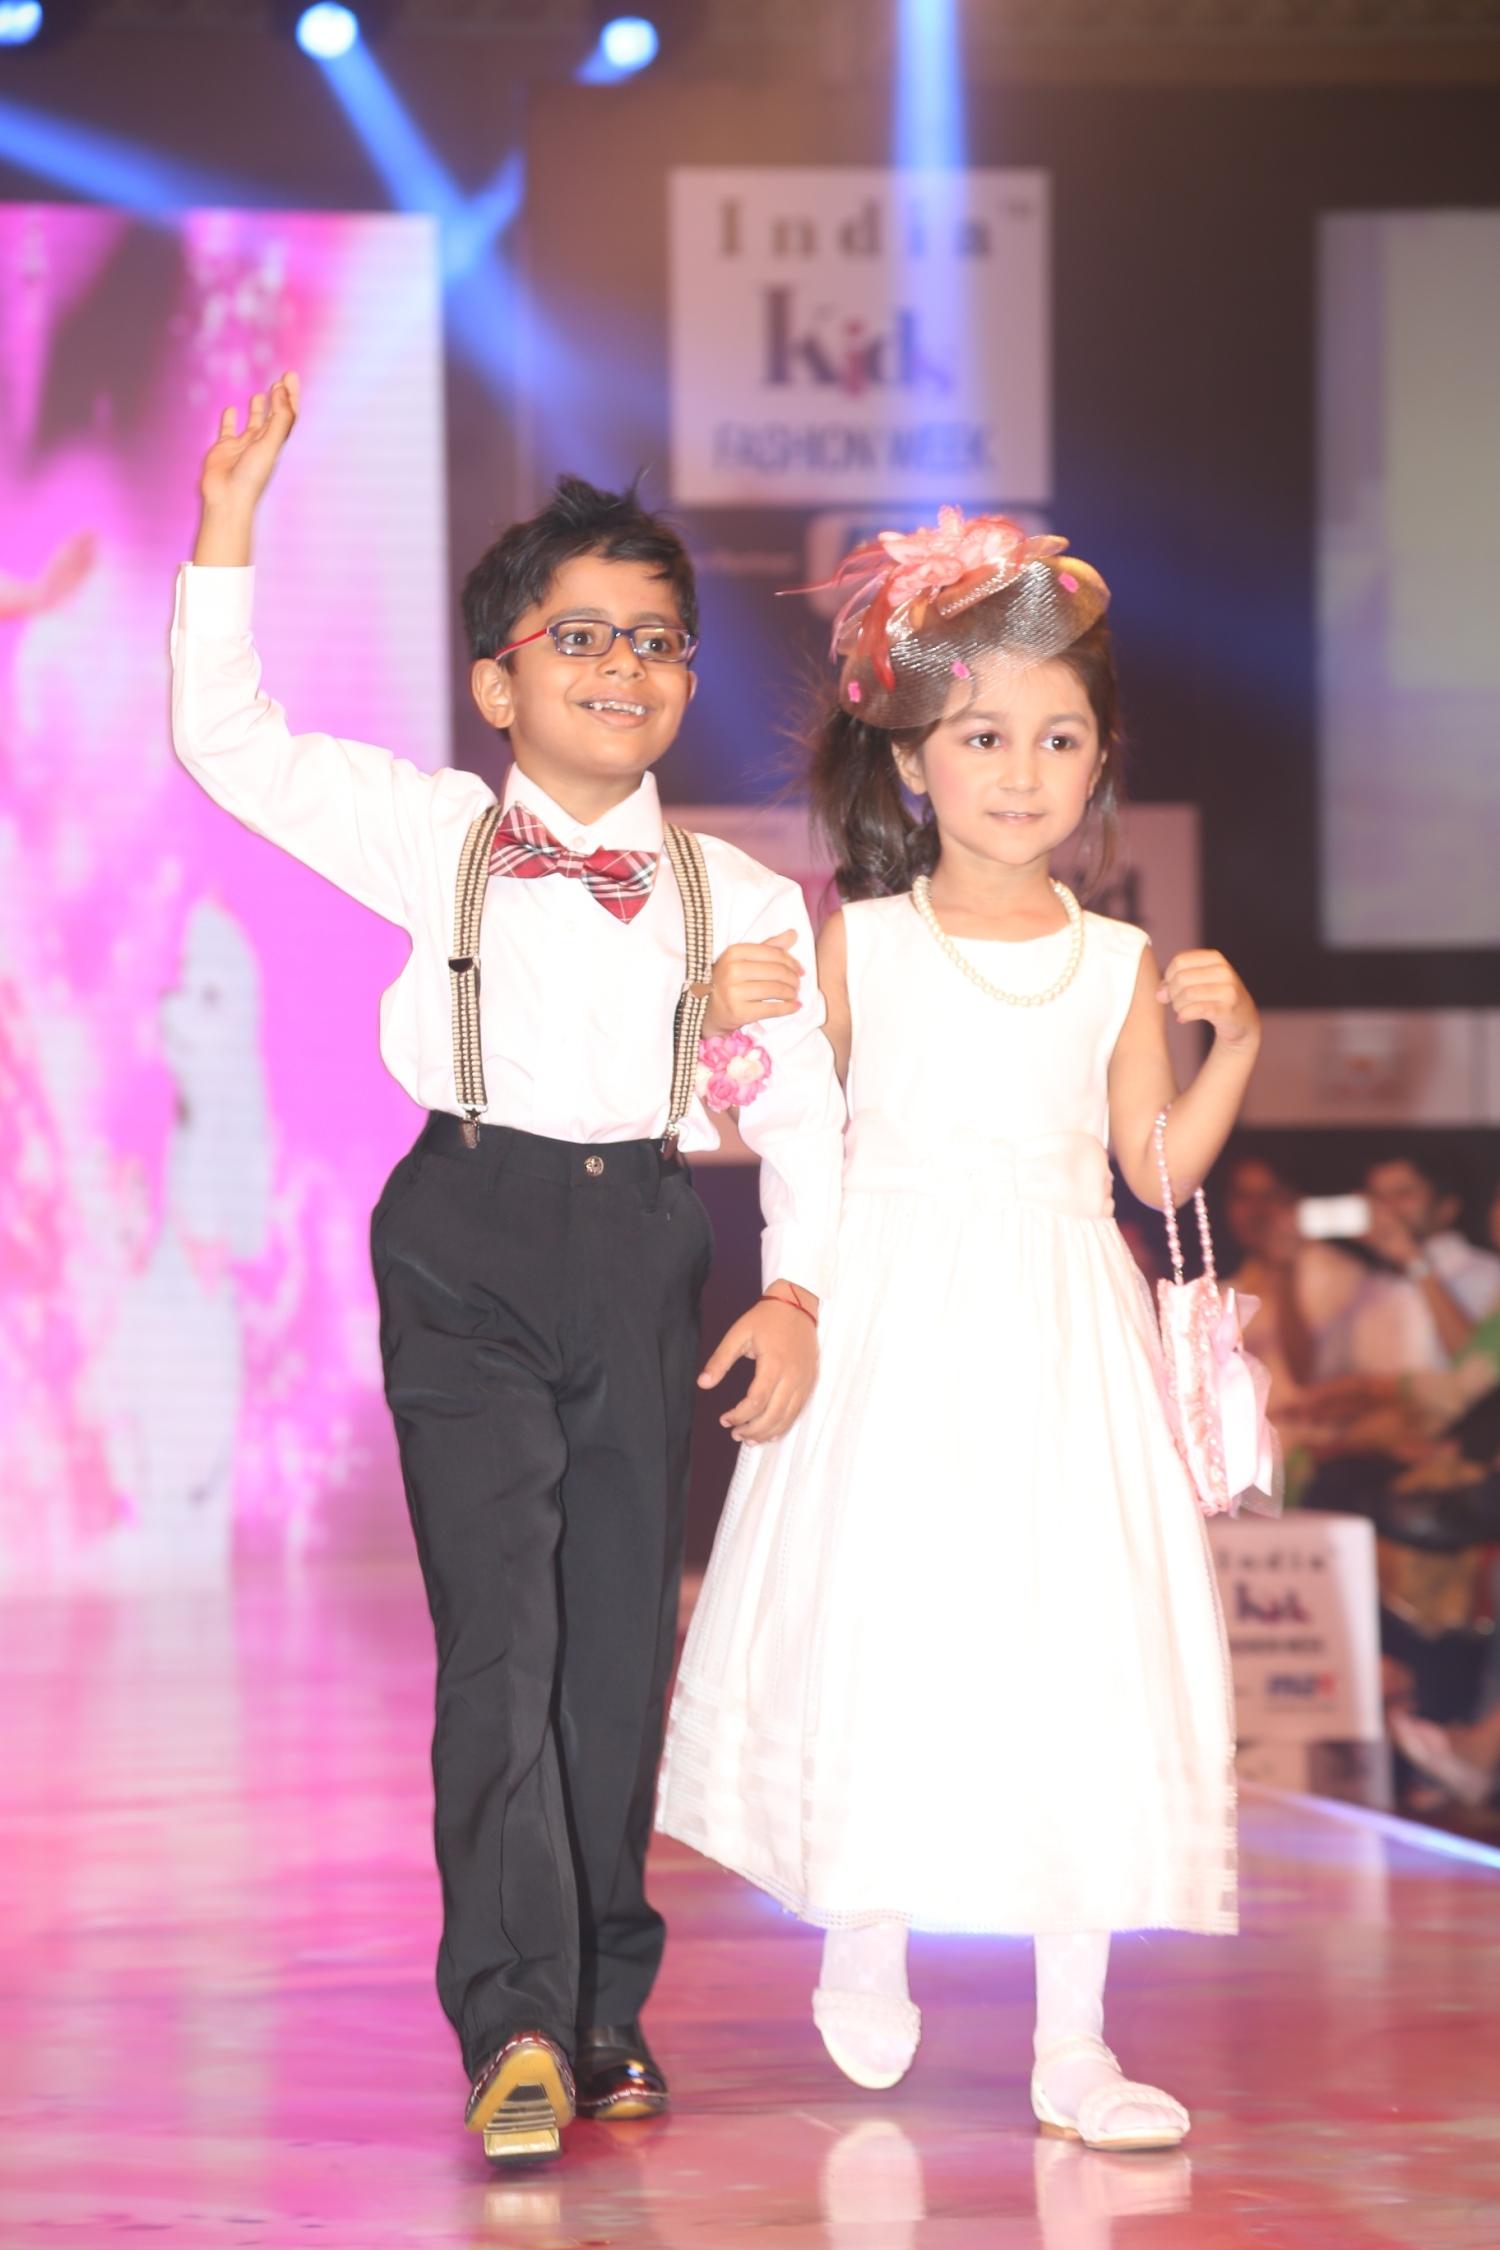 Kids walking the ramp for Designer Sheena Creations at Day 1 of India Kids Fashion Week